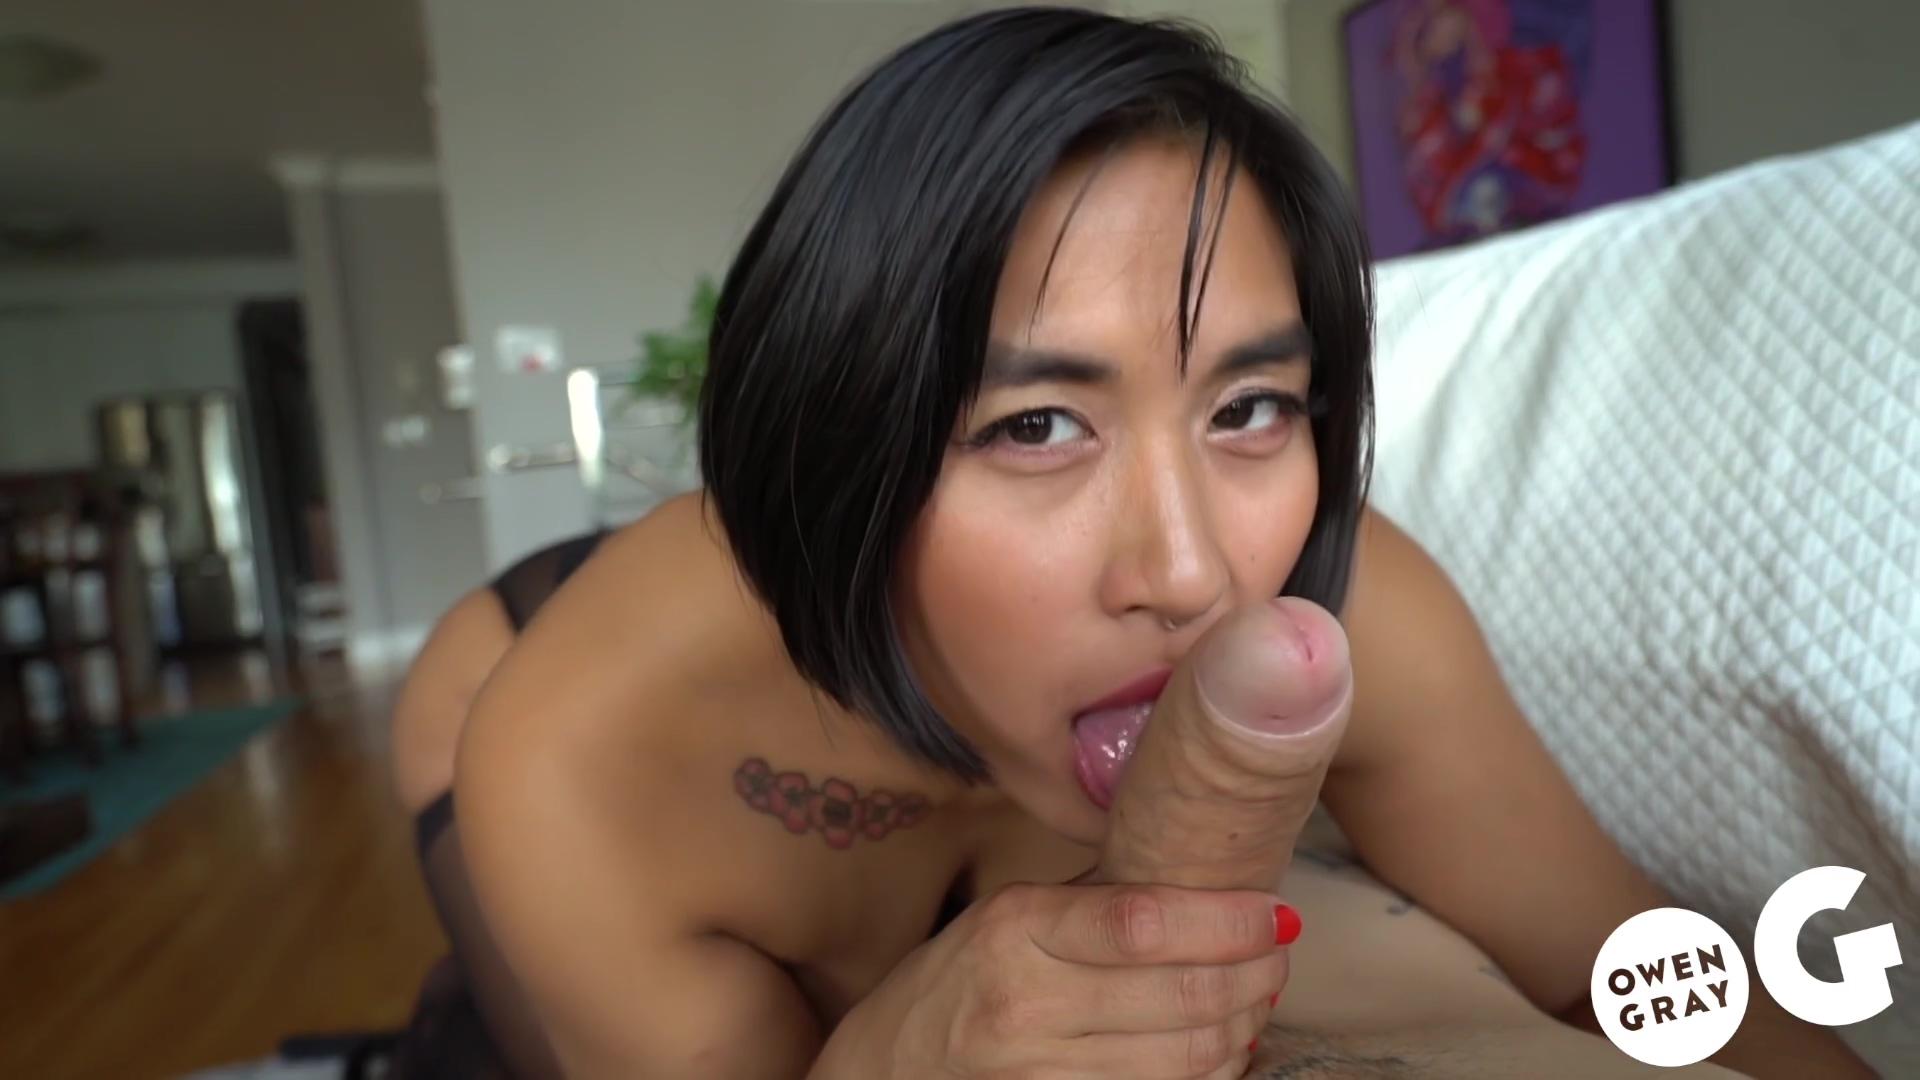 DeepLush - Mia Li Friendly Intimacy